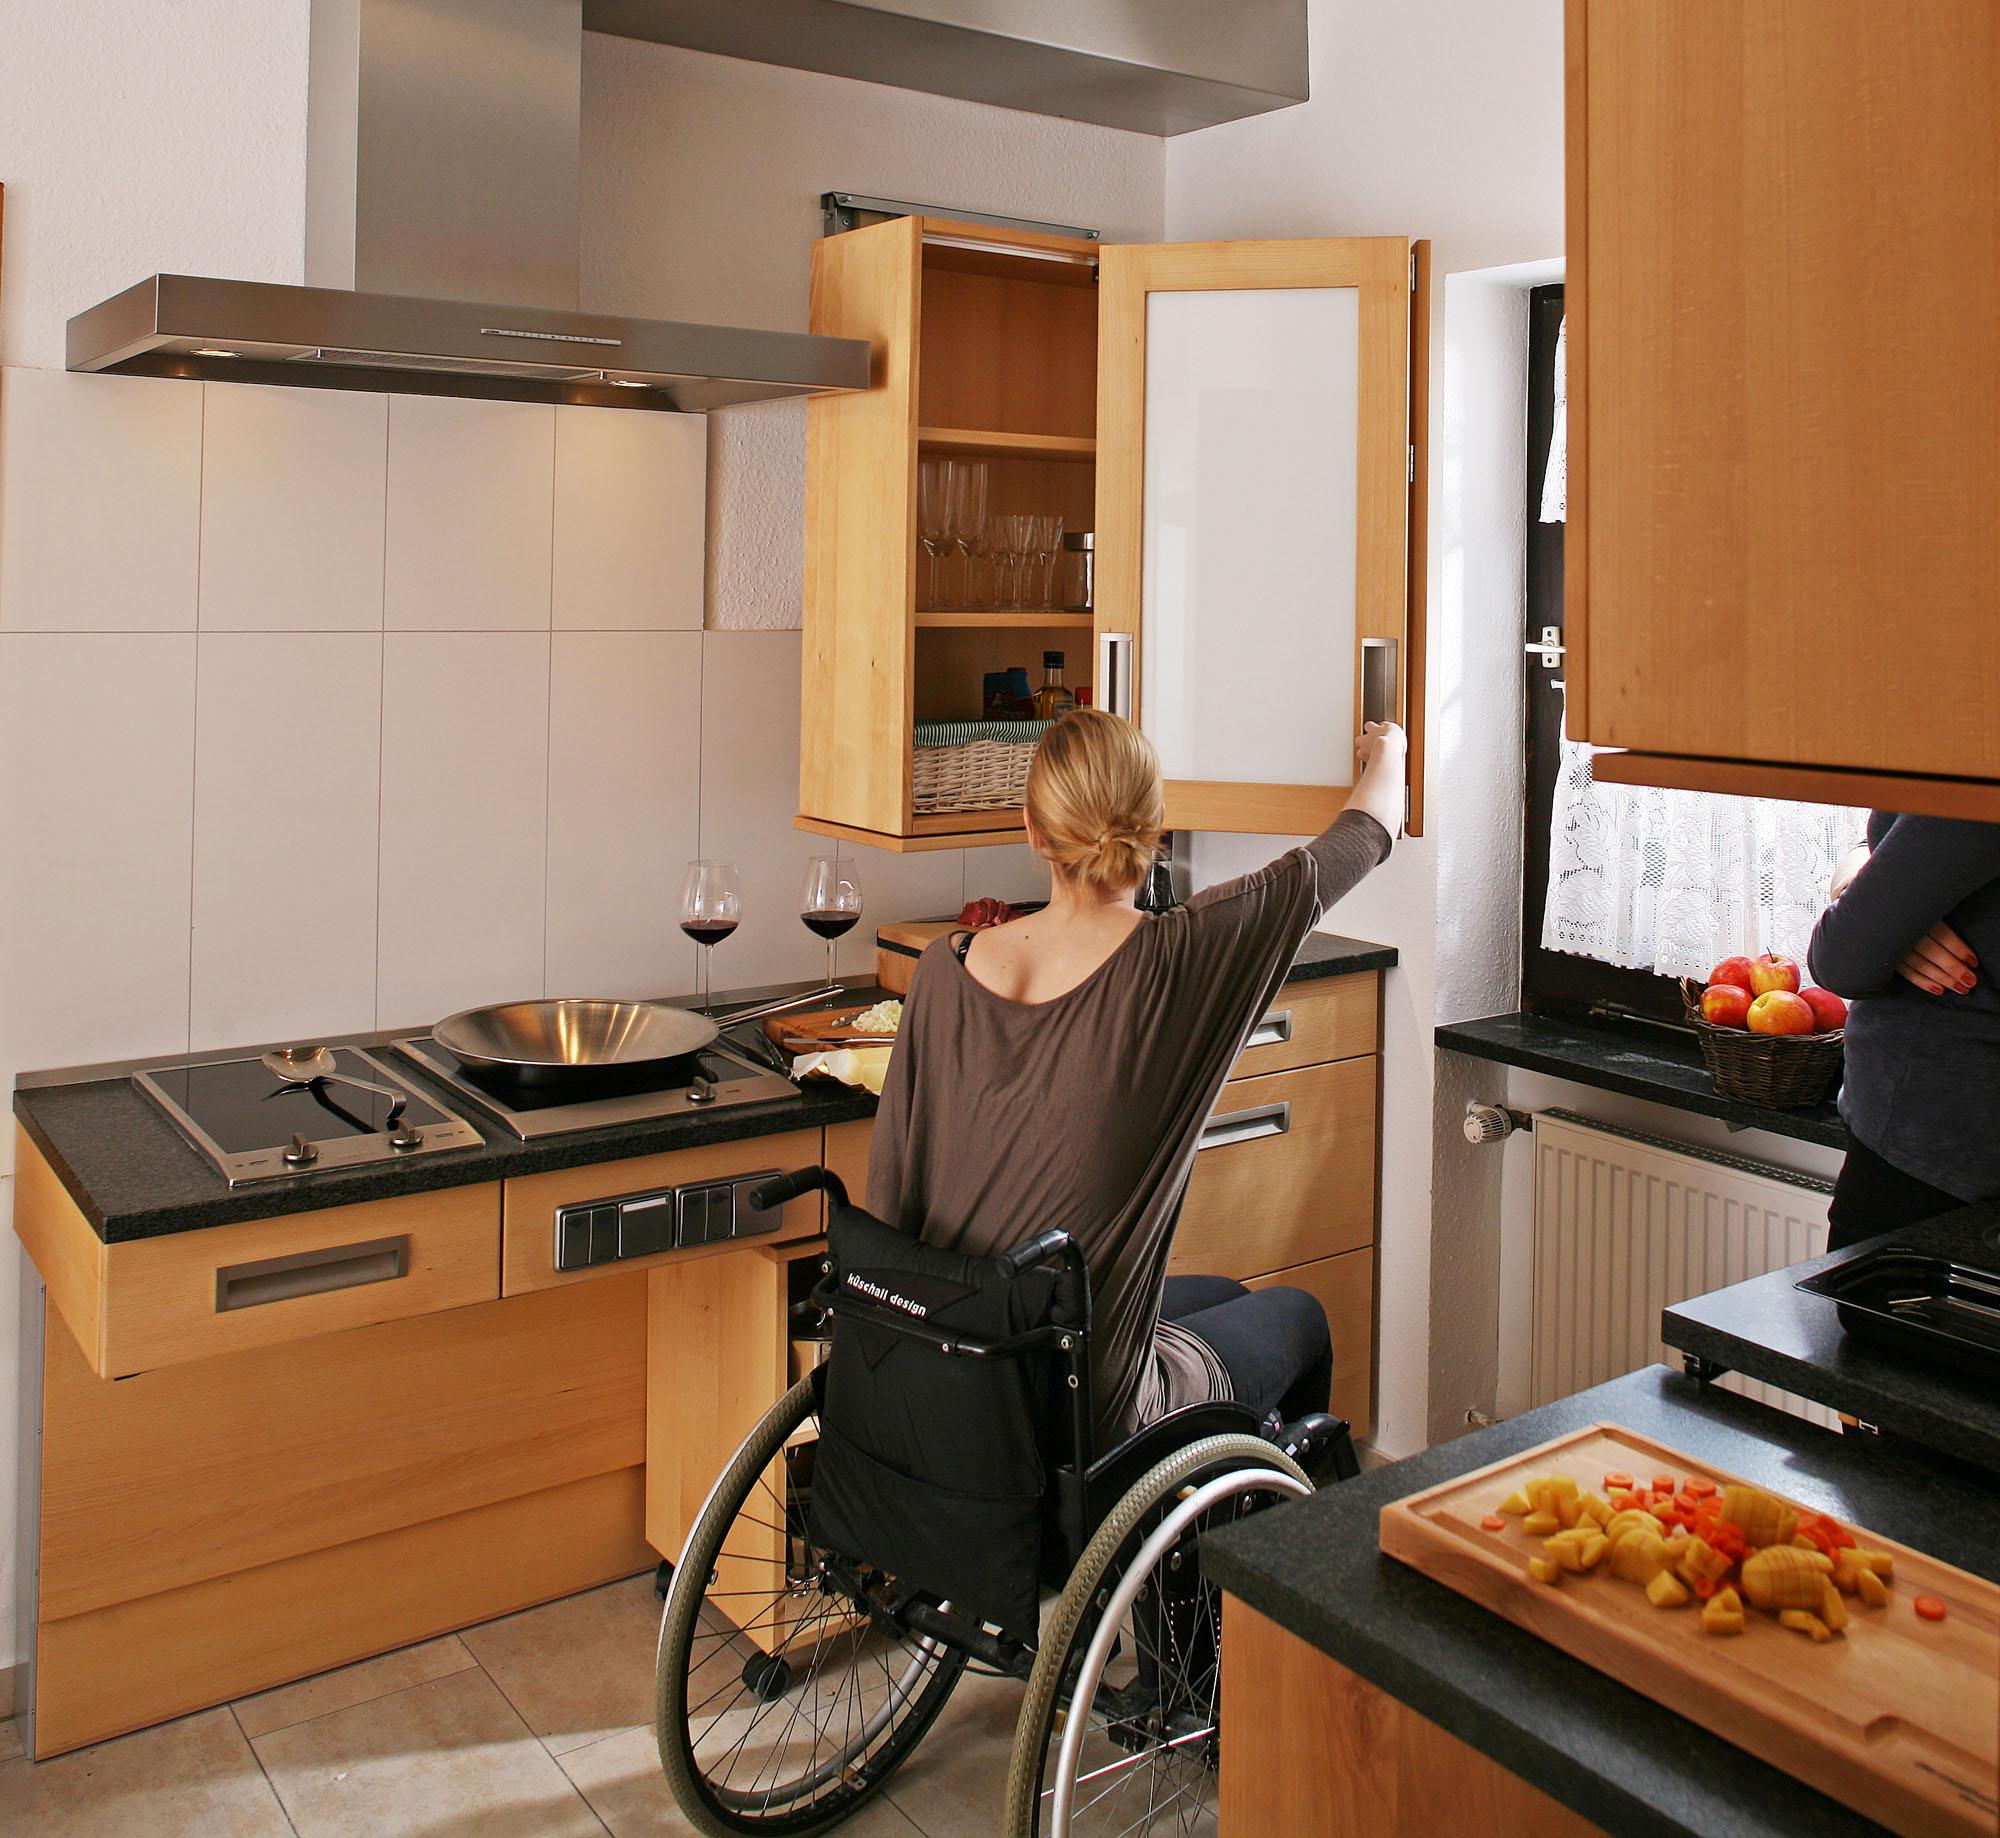 Full Size of Behindertengerechte Küche Nolte Tapete Wellmann Blende Laminat Vinyl Was Kostet Eine Neue Buche Nobilia Barhocker Winkel Mischbatterie Kleiner Tisch Küche Behindertengerechte Küche